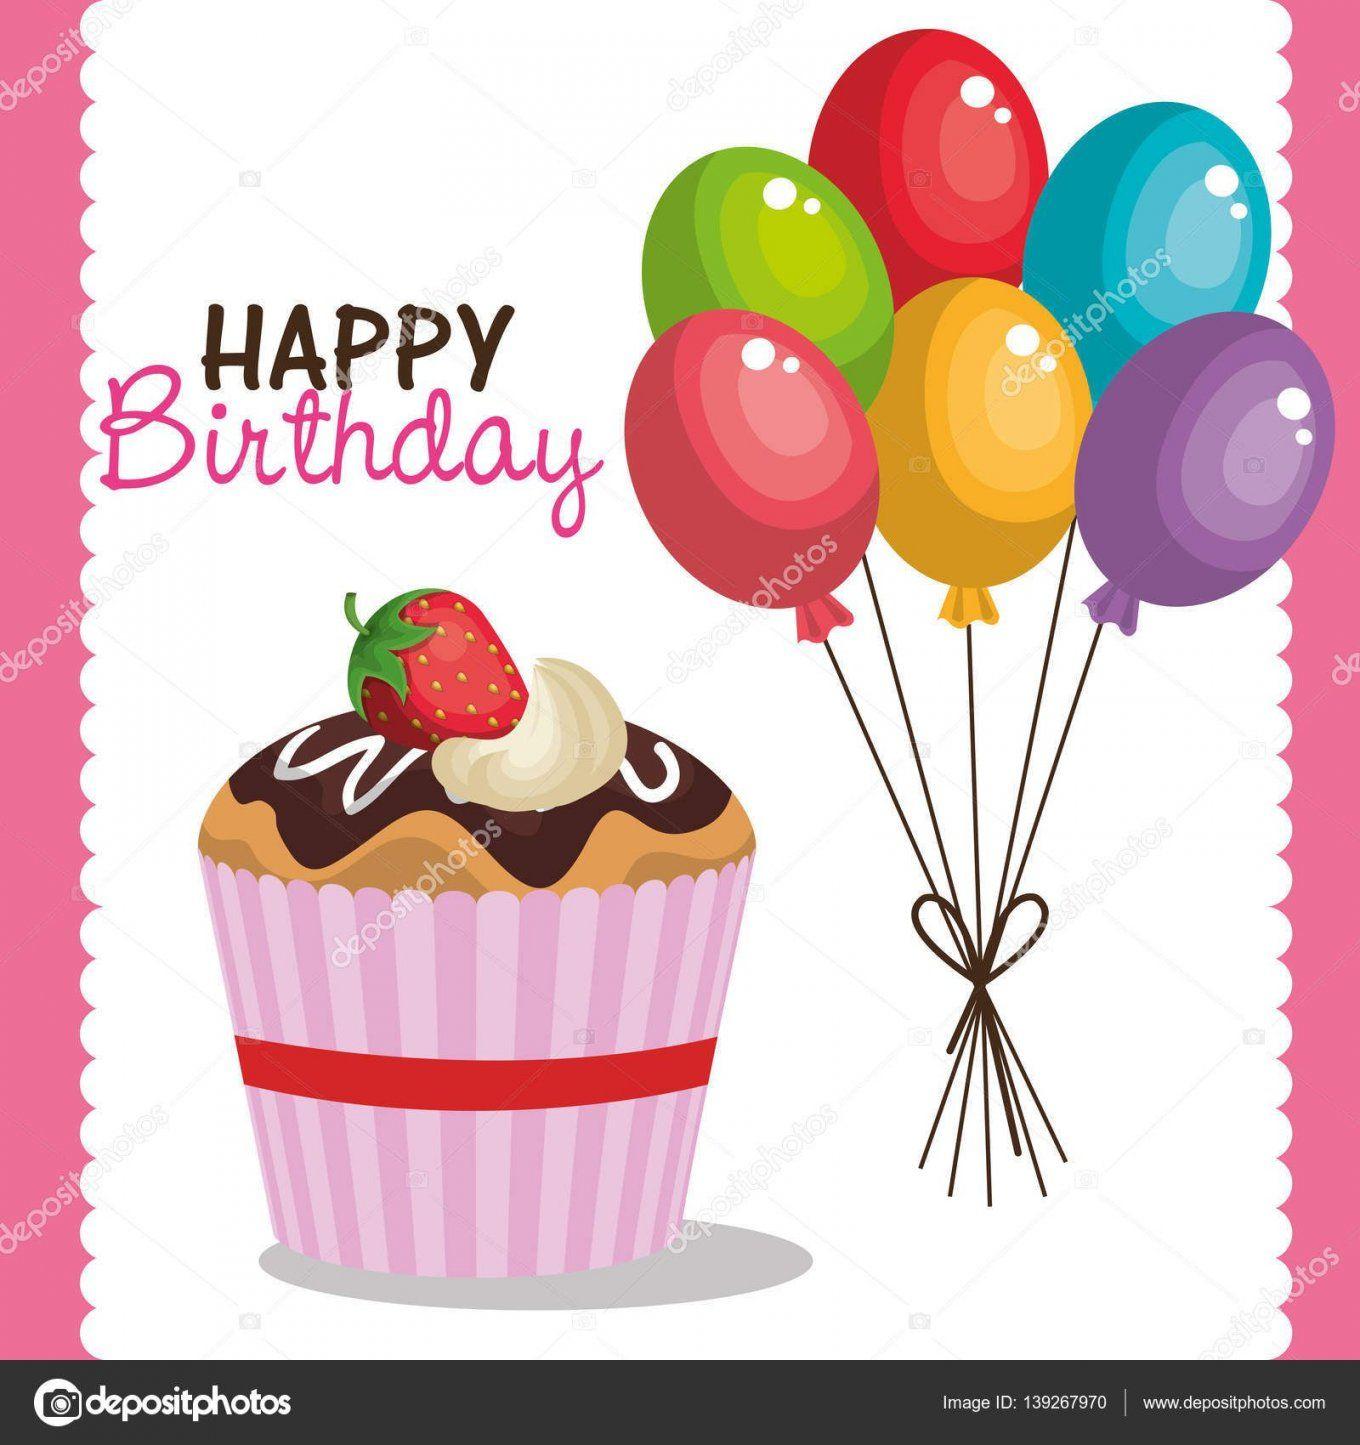 Alles Gute Zum Geburtstag Spanisch  Einladungs Vorlagen von Alles Gute Zum Geburtstag Auf Spanisch Photo